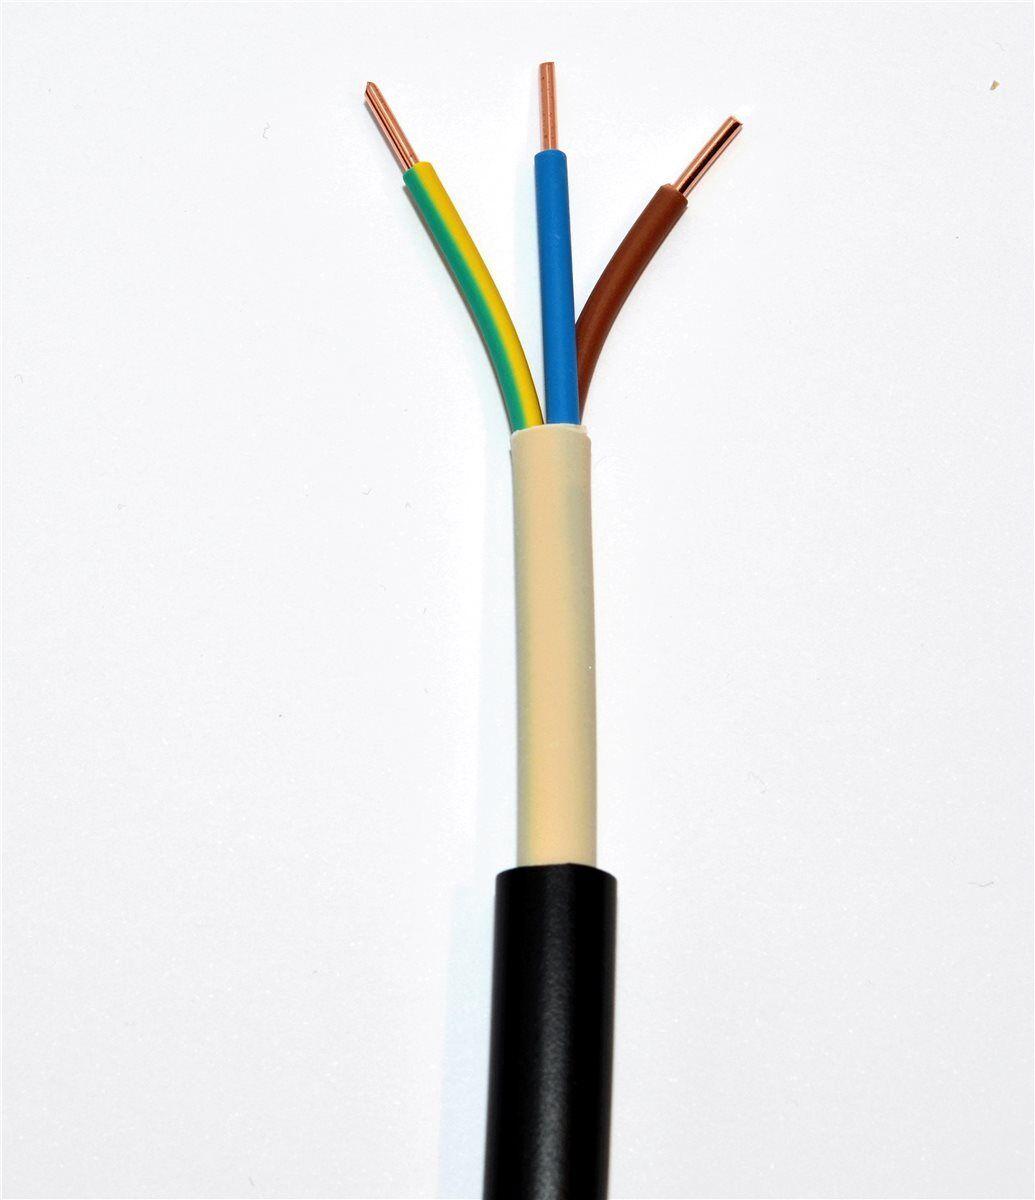 Erdkabel NYY-J 3x2,5 mm² schwarz, Ring 50m, 3x2,5qmm